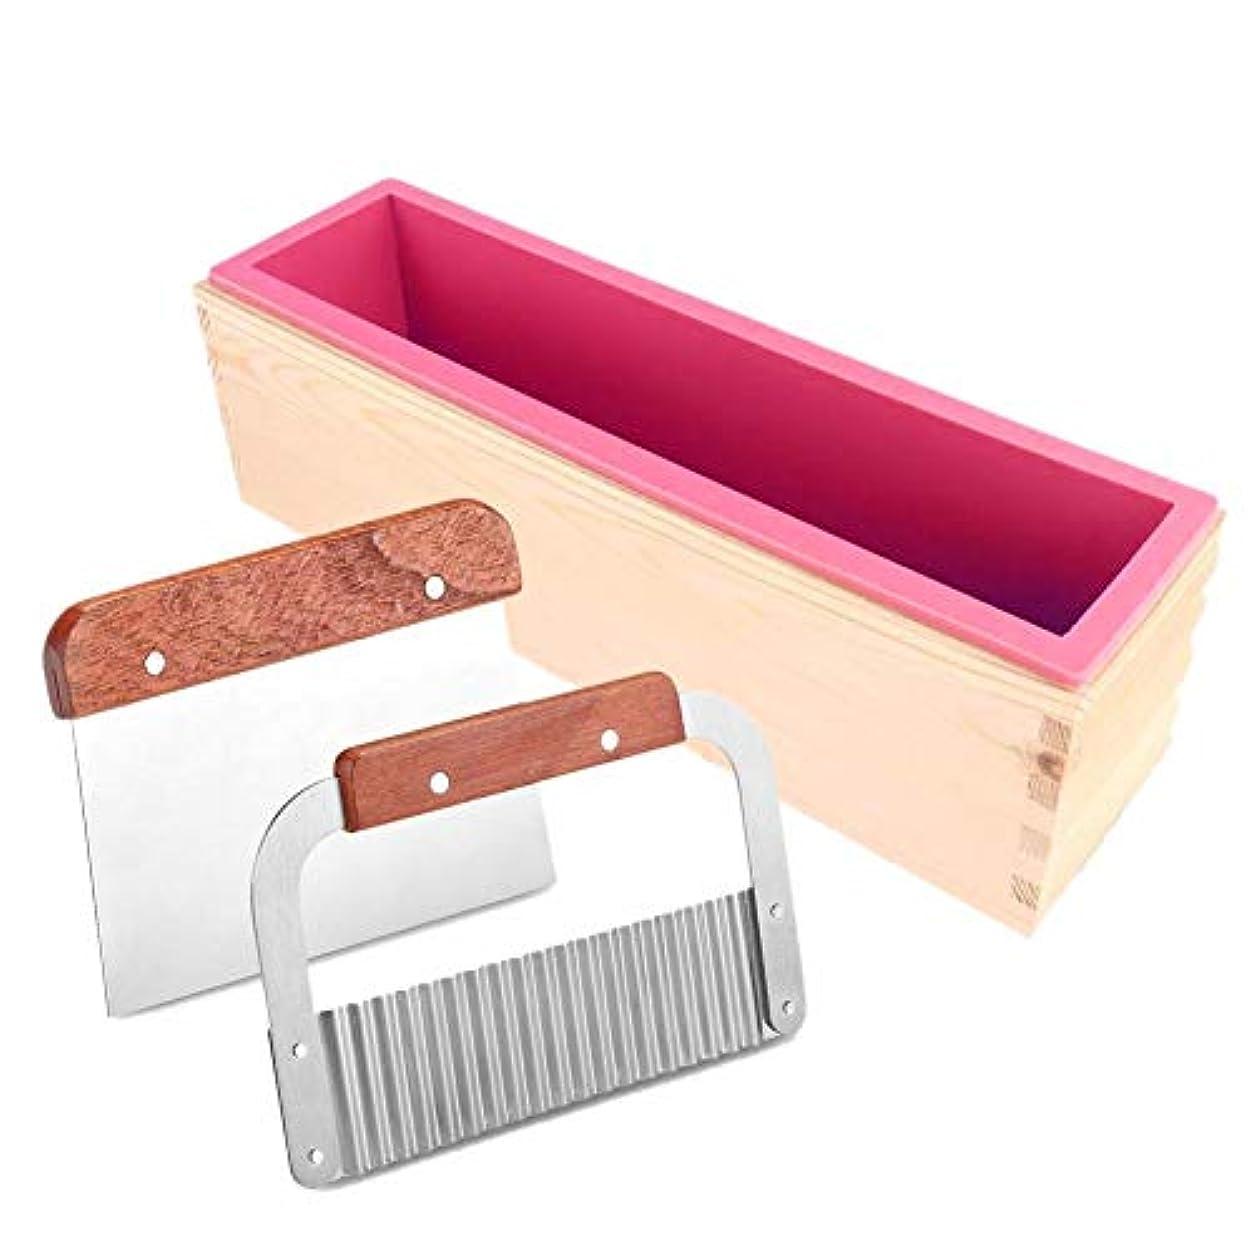 の配列最初はボートRagemのシリコーンの石鹸型 - 自家製の石鹸の作成のための2Pcsカッターの皮むき器が付いている長方形の木箱の石鹸の作成型